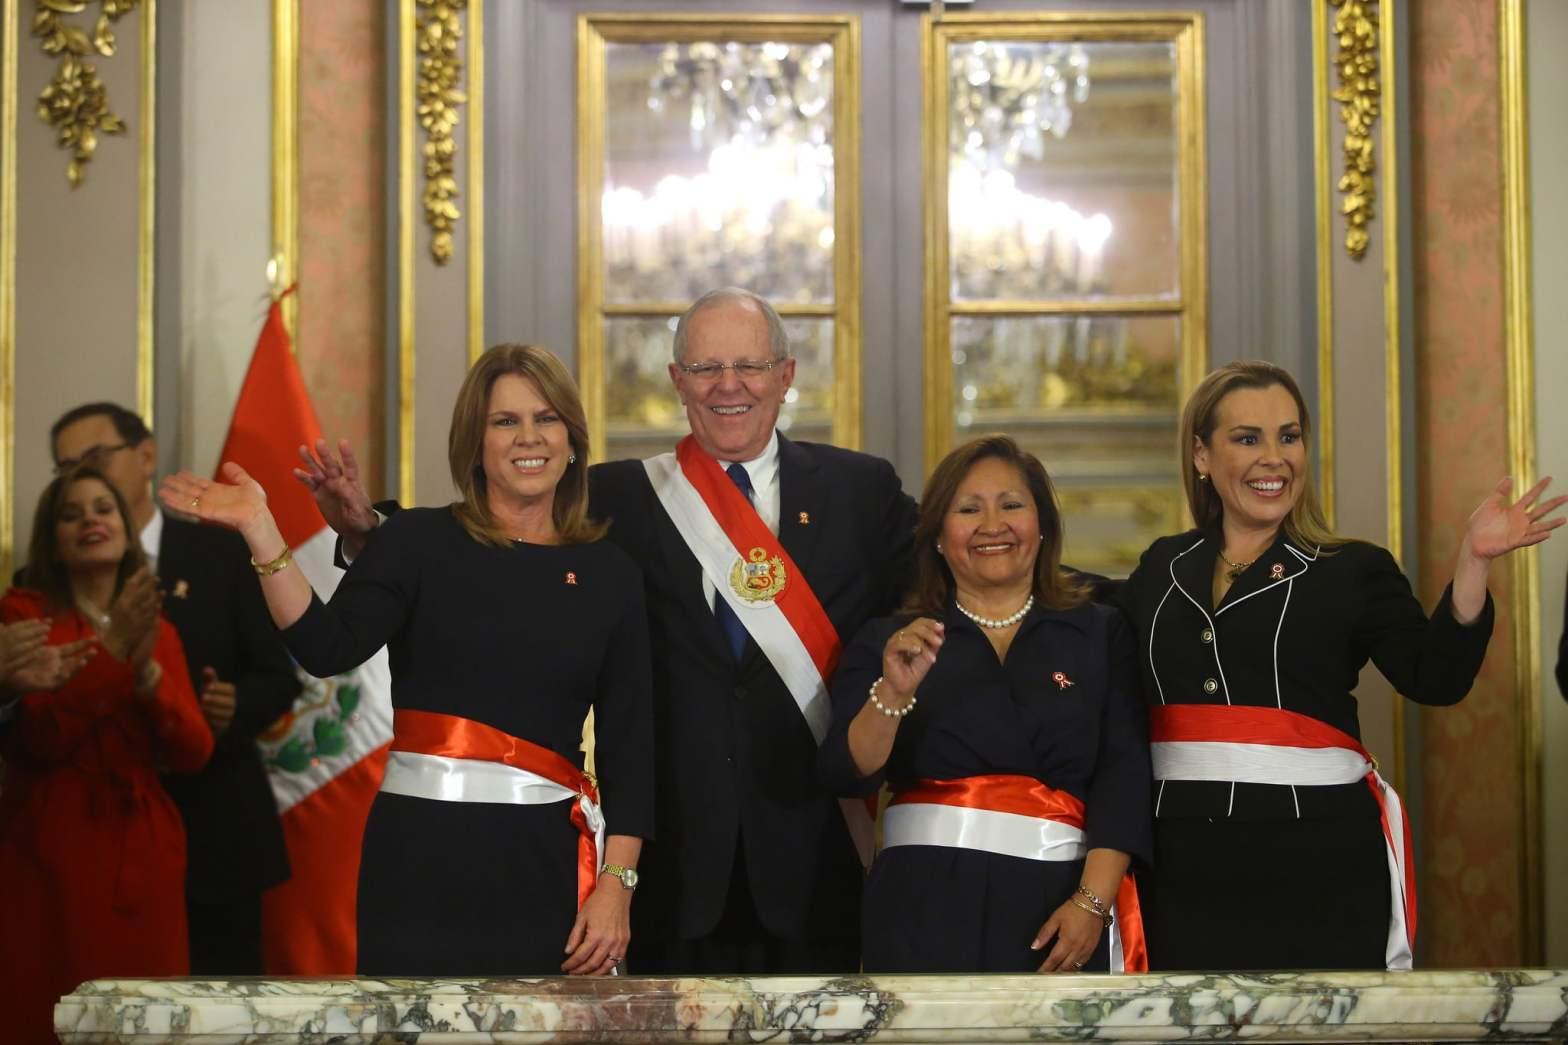 Presidente Kuczynski tomó juramento a ministras Aljovín, Choquehuanca y Molinelli